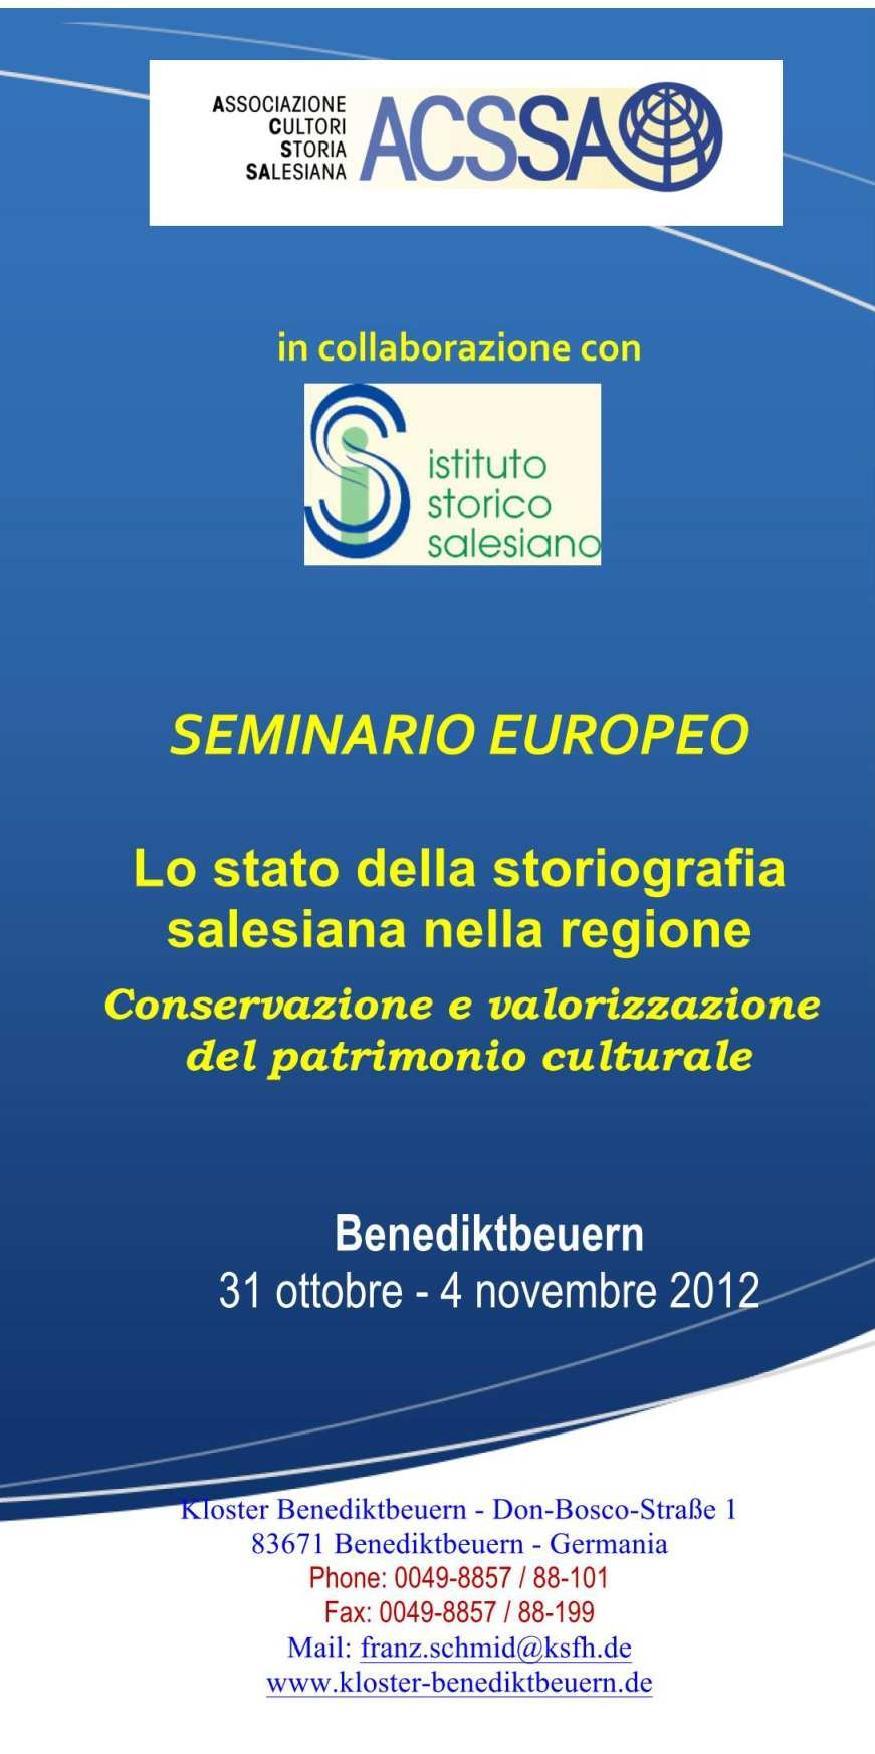 Locandina Seminario Europeo ACSSA